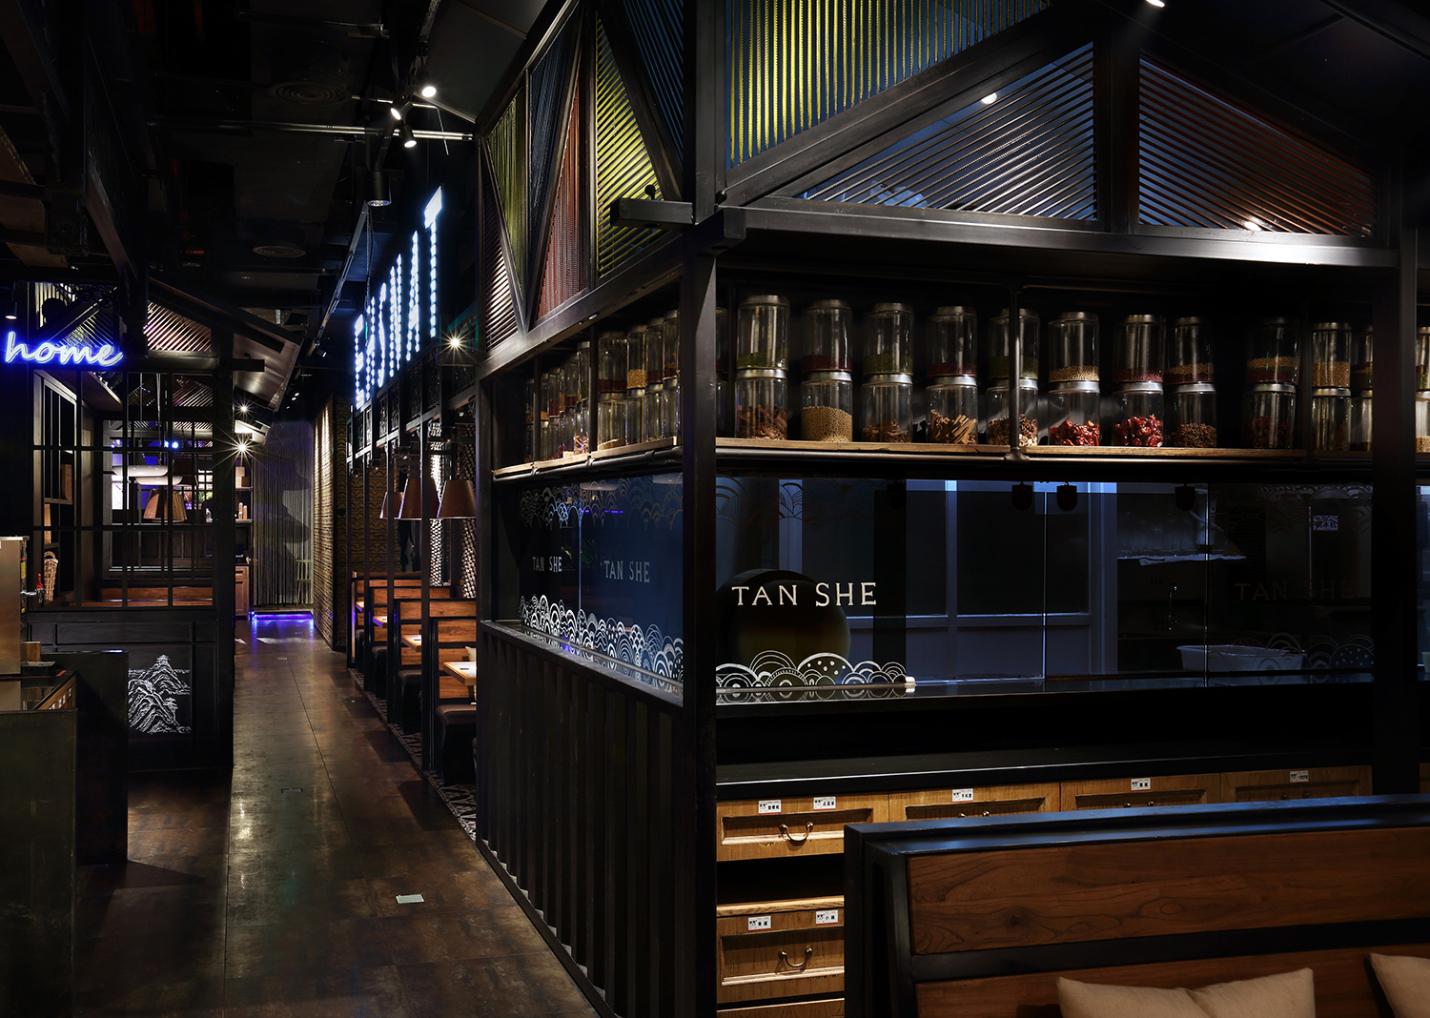 餐饮空间设计公司·艺鼎设计作品:炭舍,川味风情餐厅设计